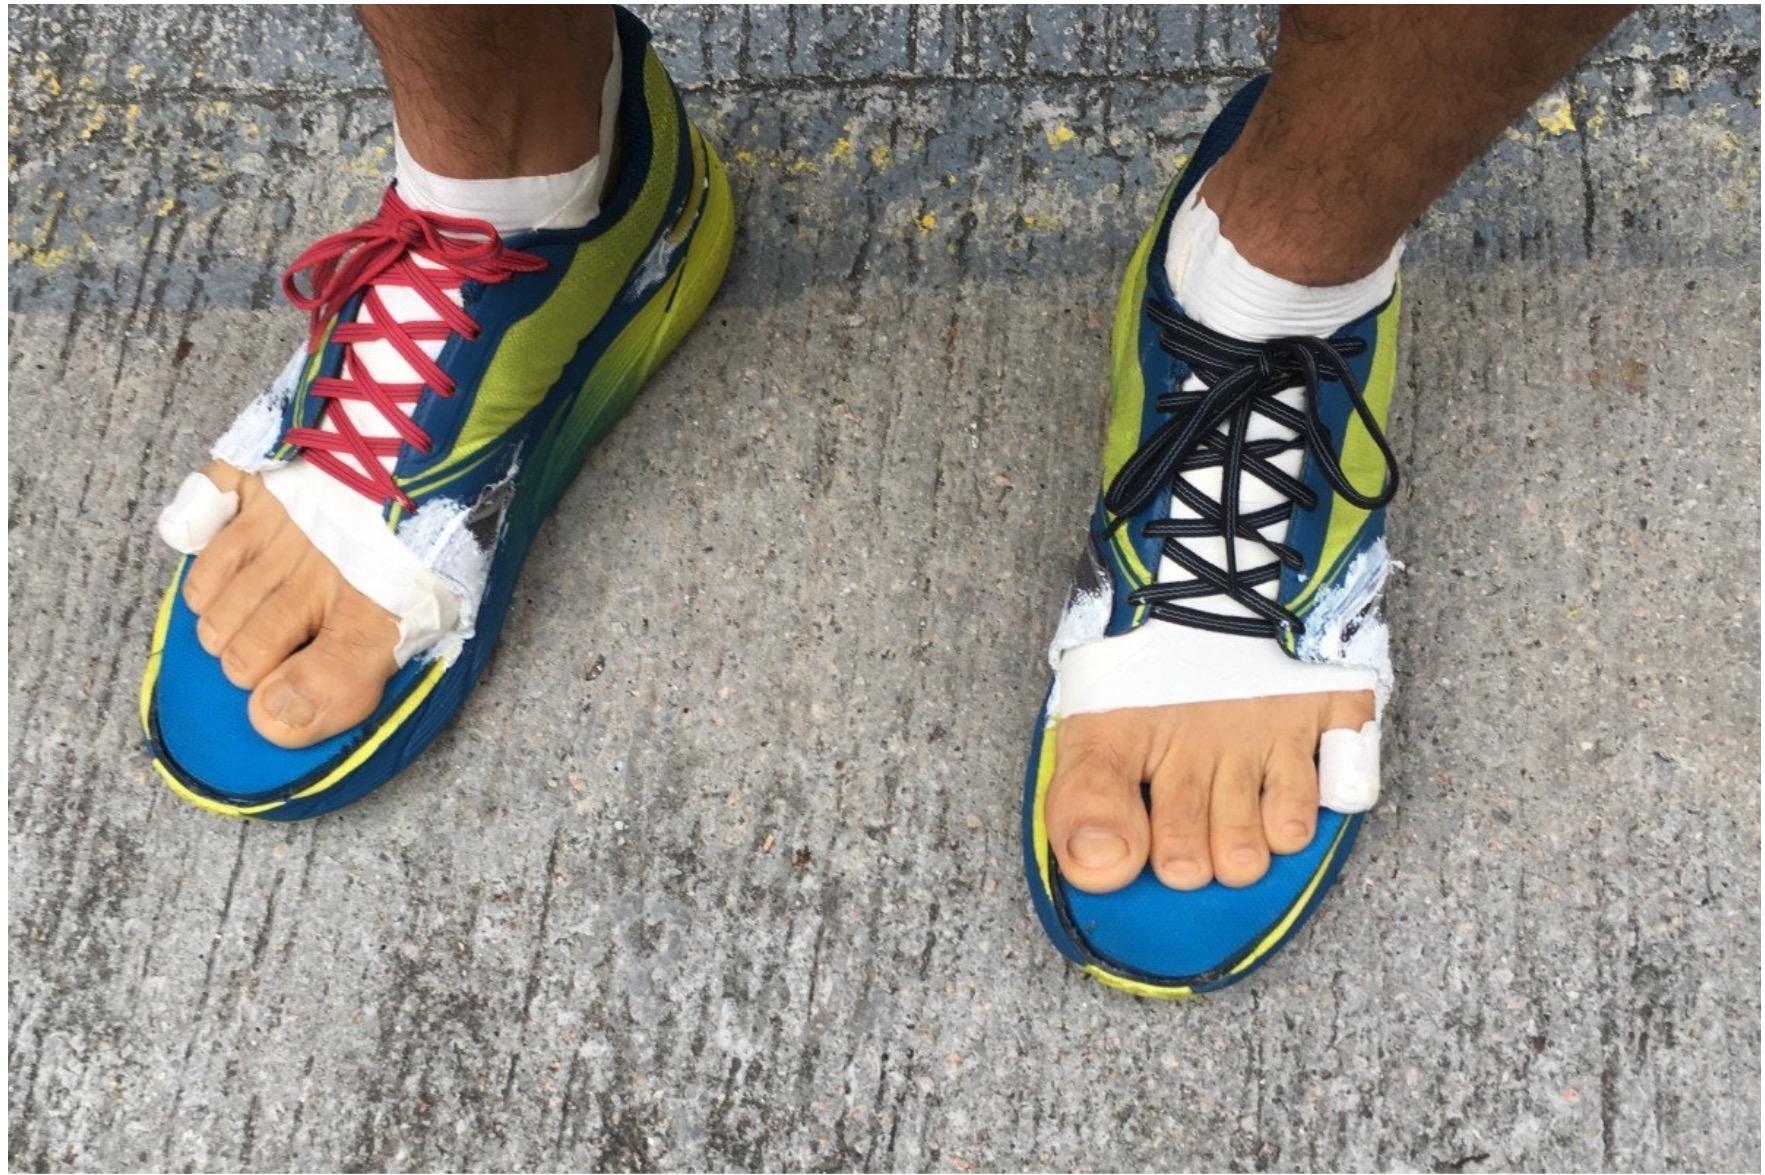 怎么预防和应对马拉松跑者赛后的黑指甲问题